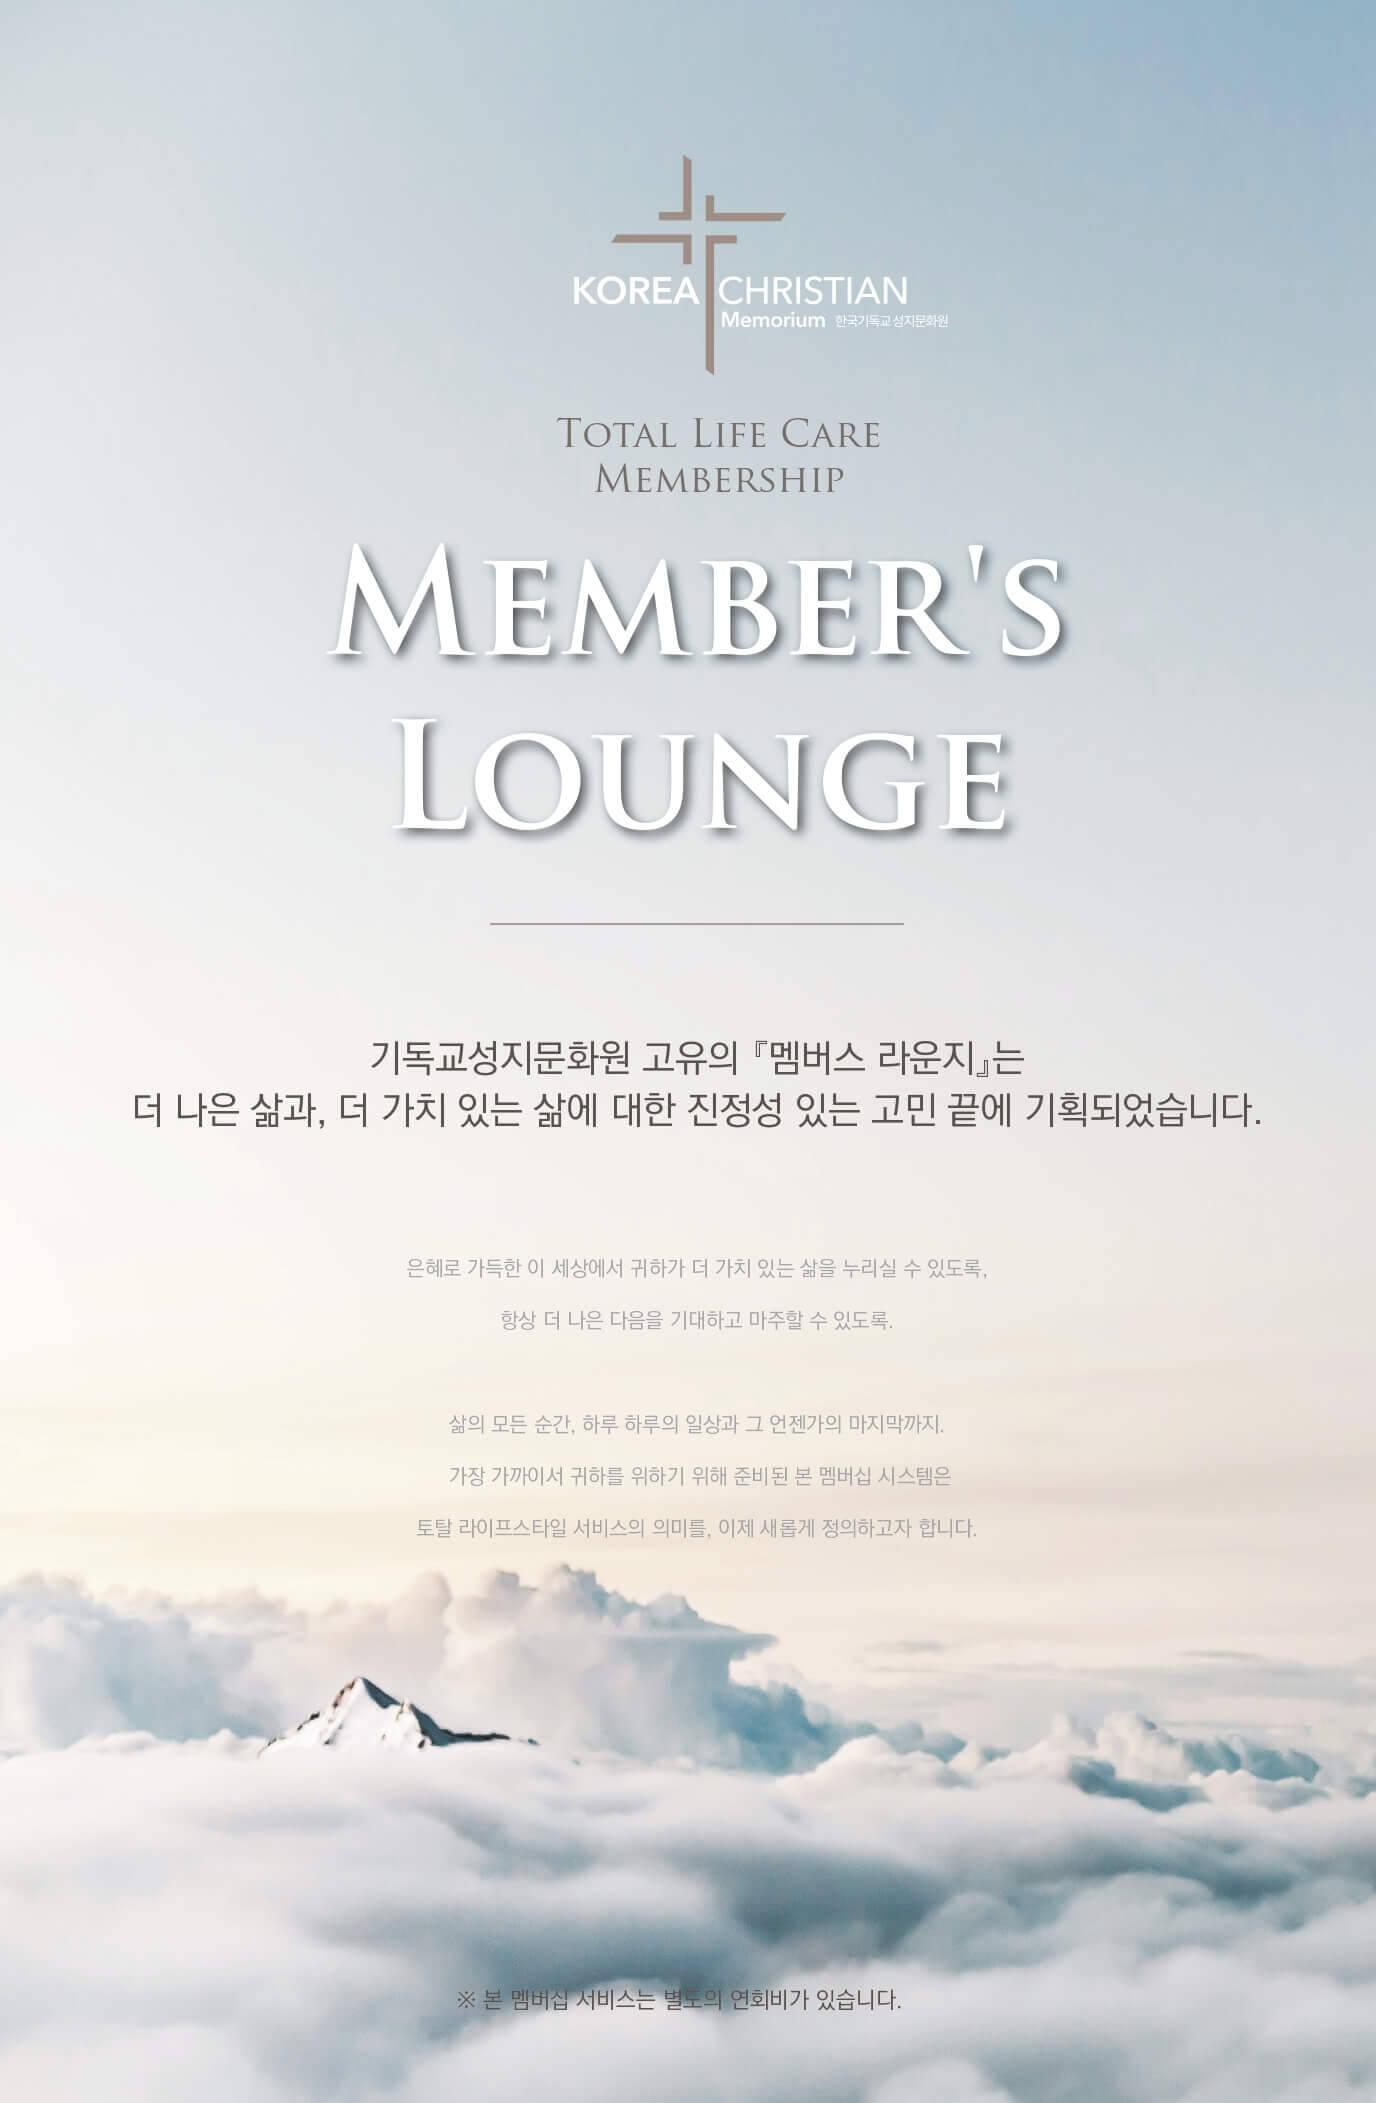 한국기독교성지문화원 멤버쉽혜택 이미지(3)